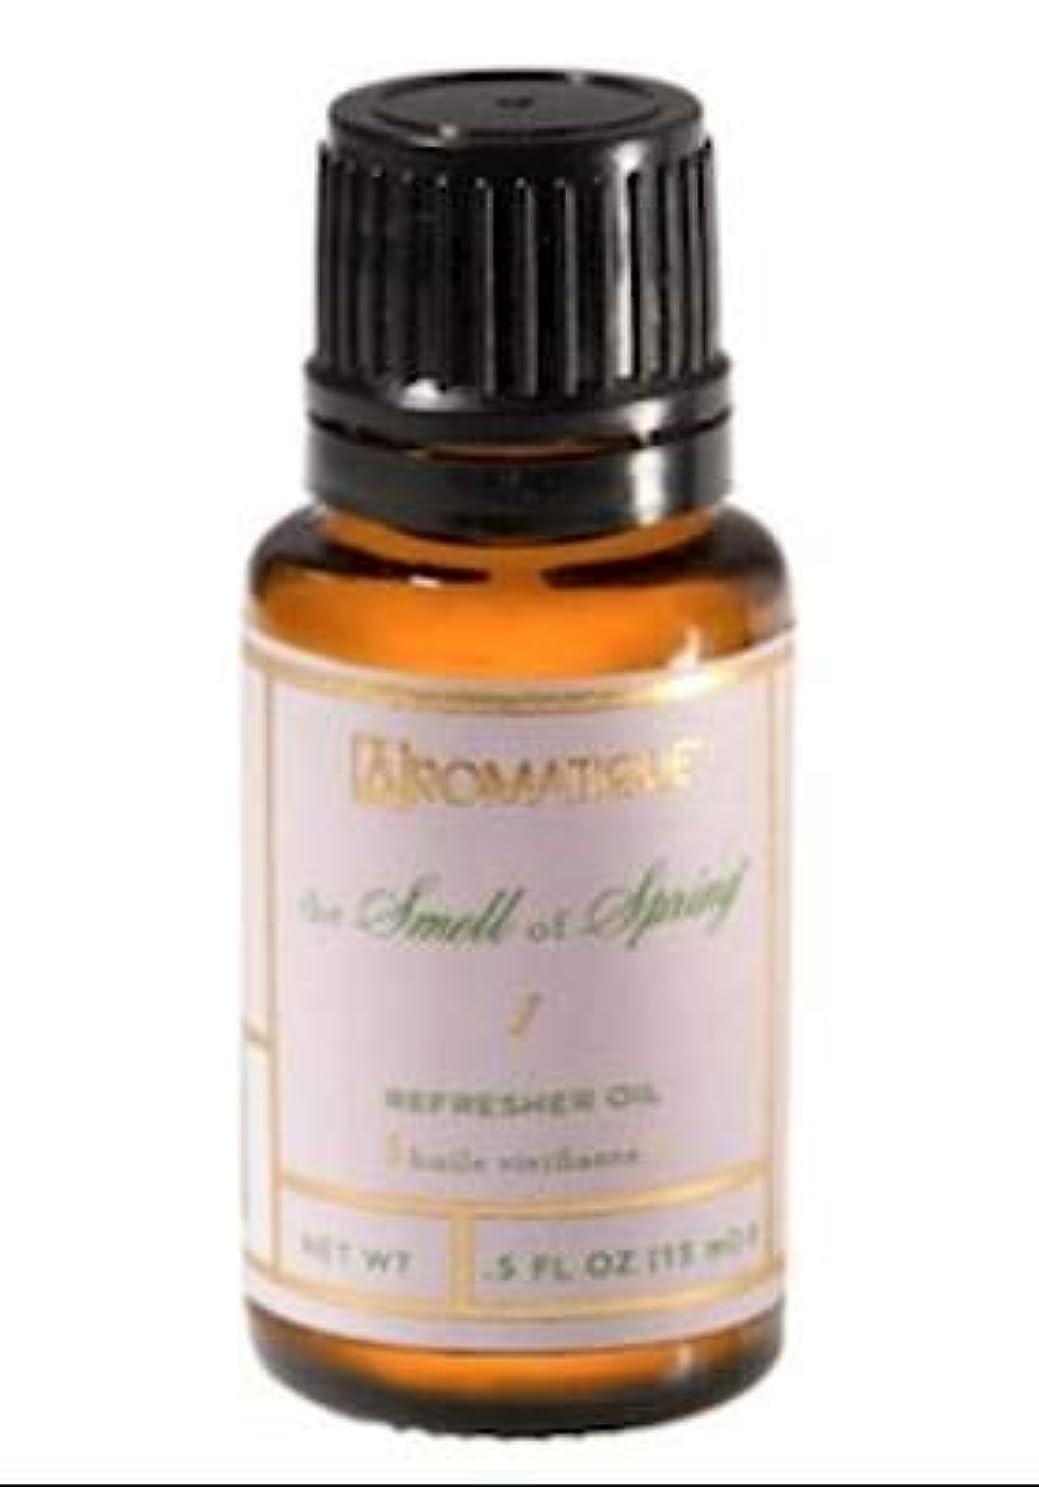 ピッチャーオンス遵守するThe Smell Of Spring Refresher Oil、0.5 Oz by Aromatique